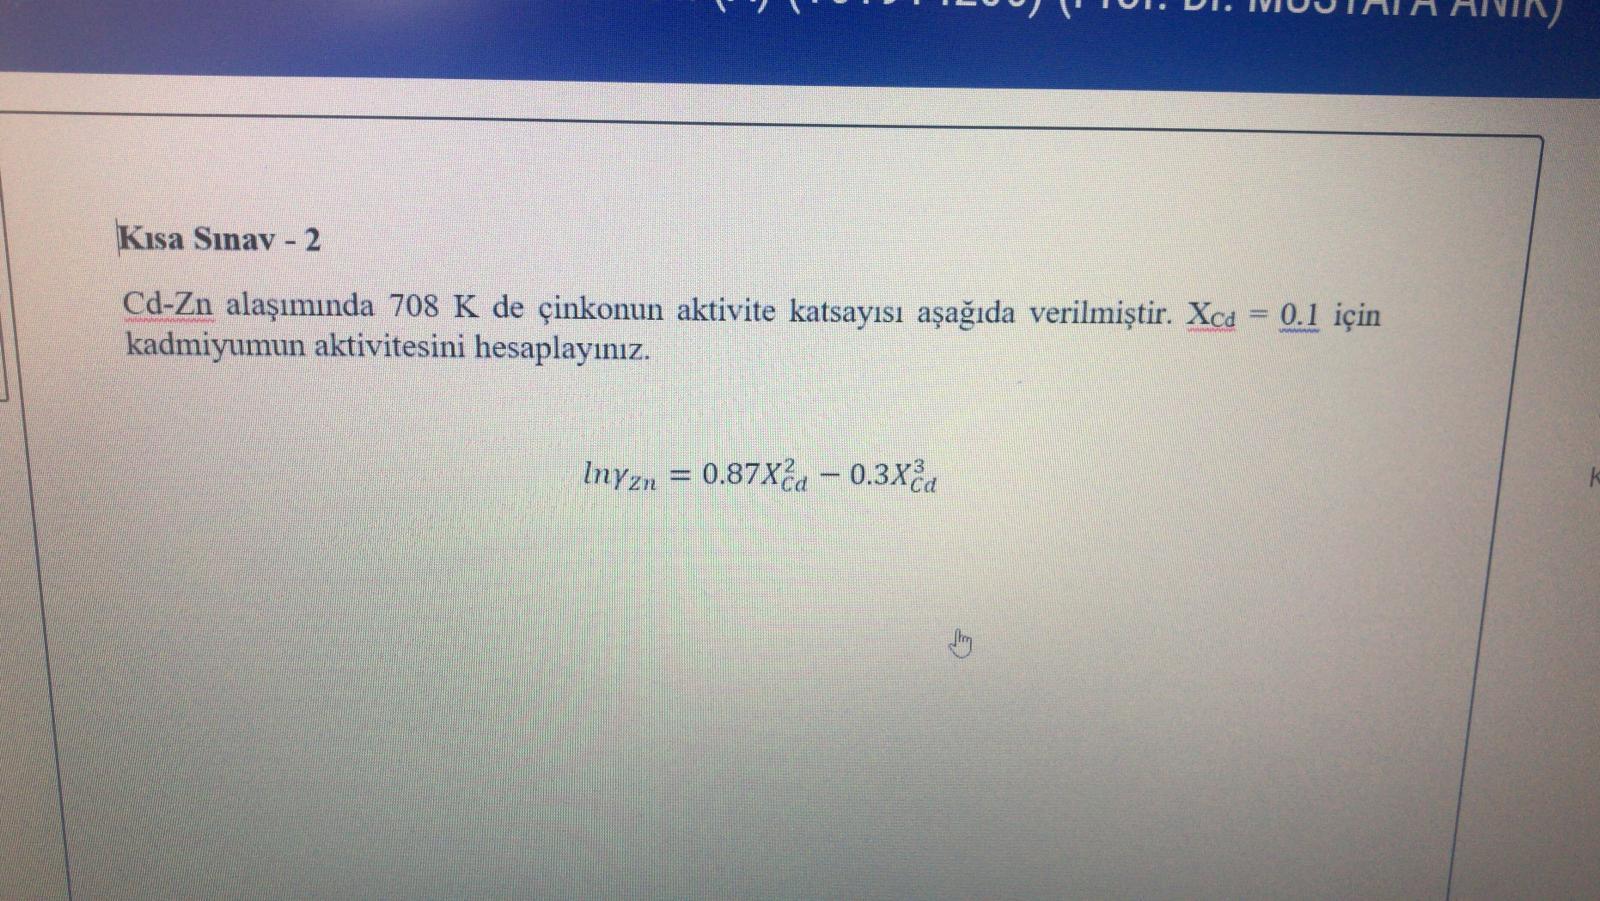 9DE14870-0FD7-4517-A05D-DE01BDCA88EE.jpeg